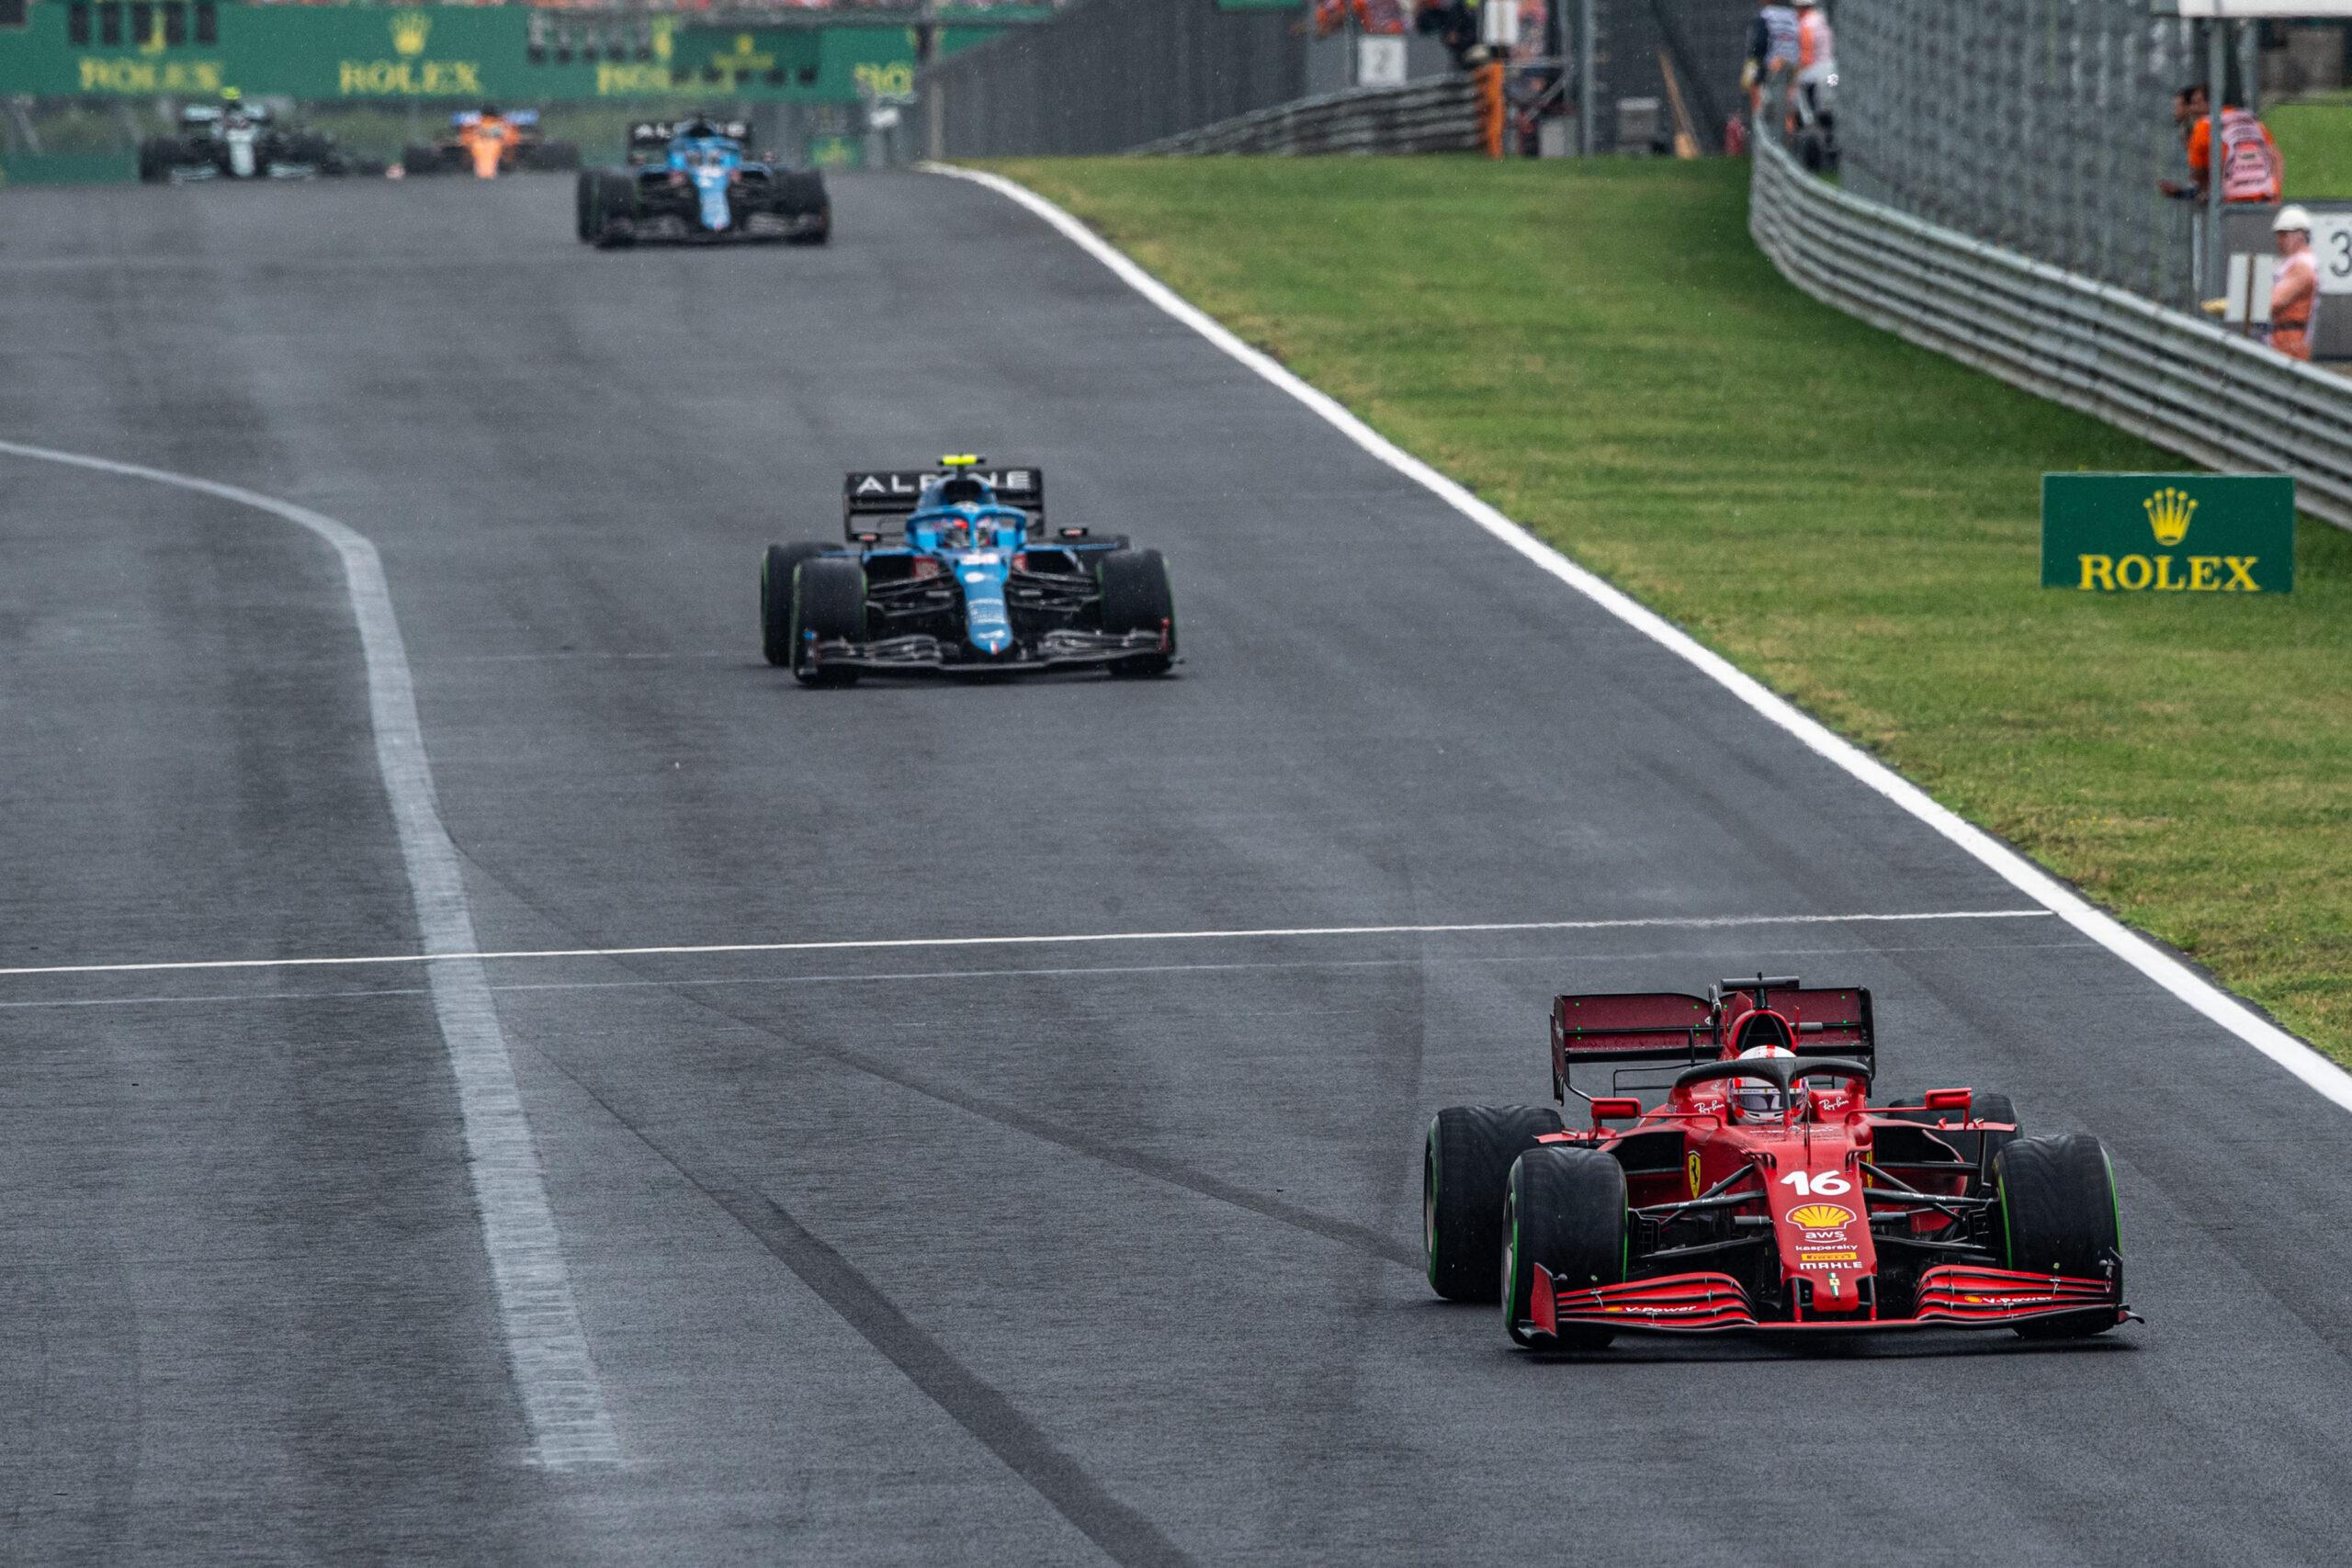 La Ferrari di Leclerc rischia una penalità in griglia.